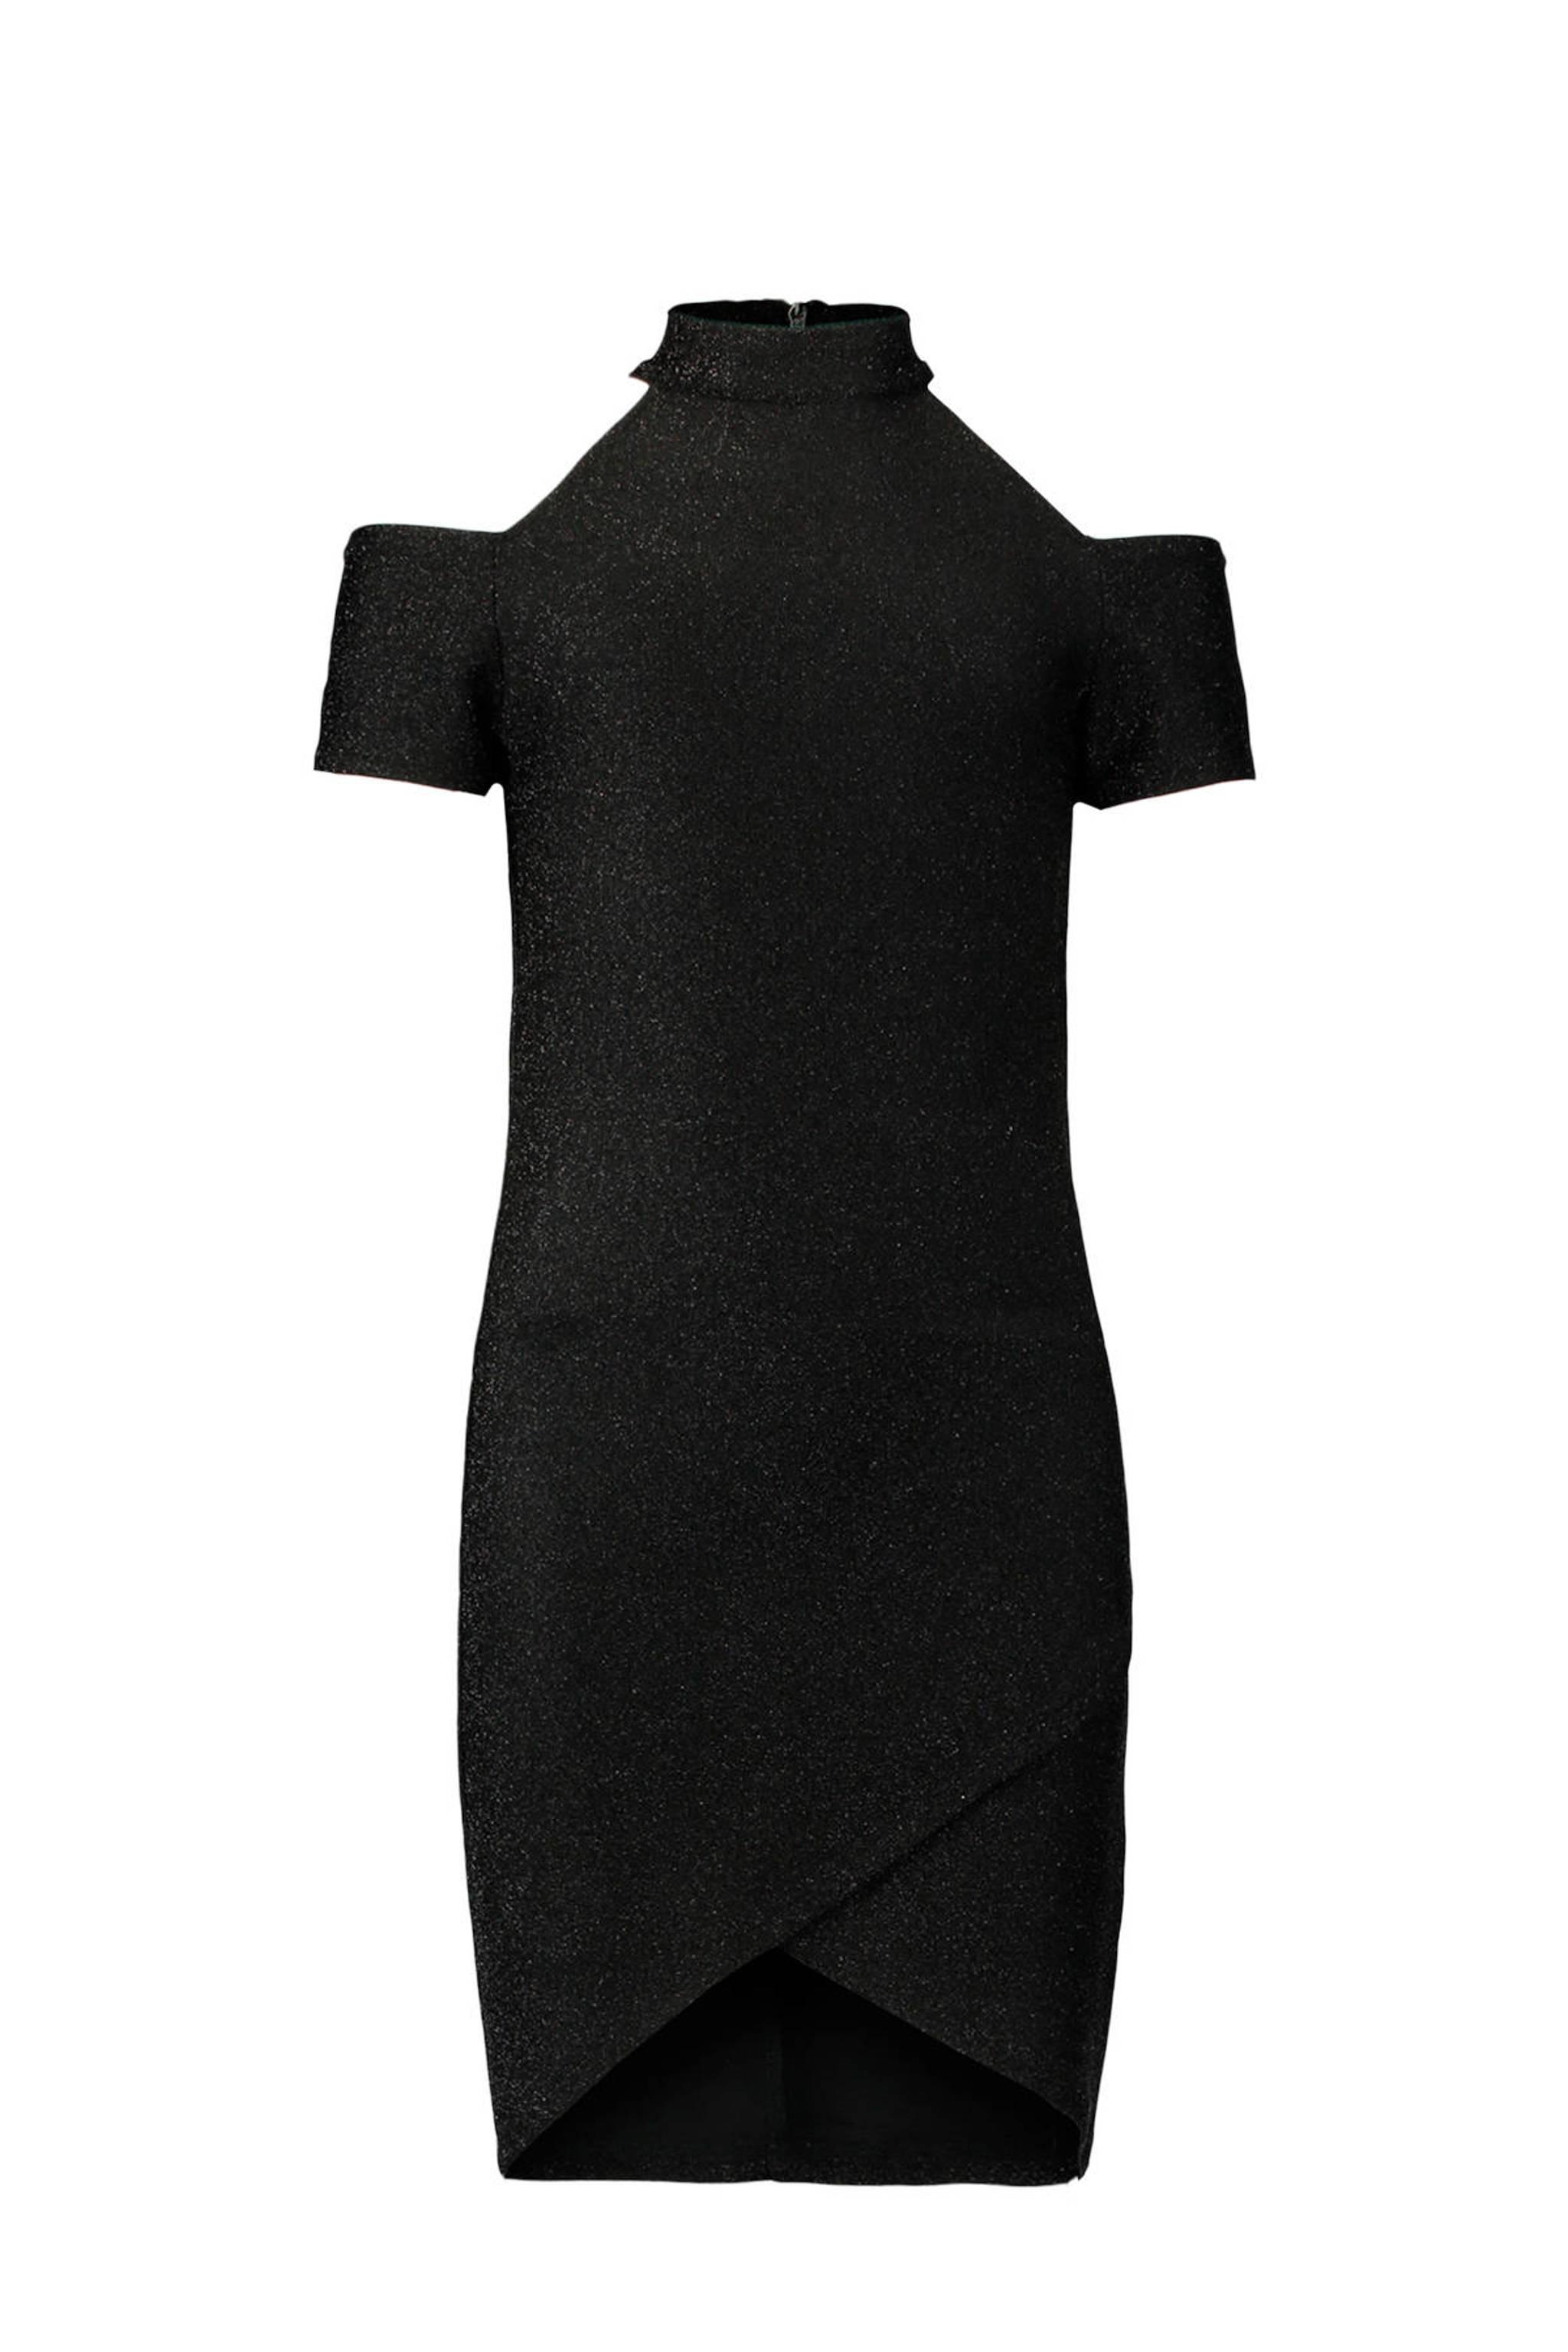 25ed29b259bf8a CoolCat open shoulder glitter jurk zwart